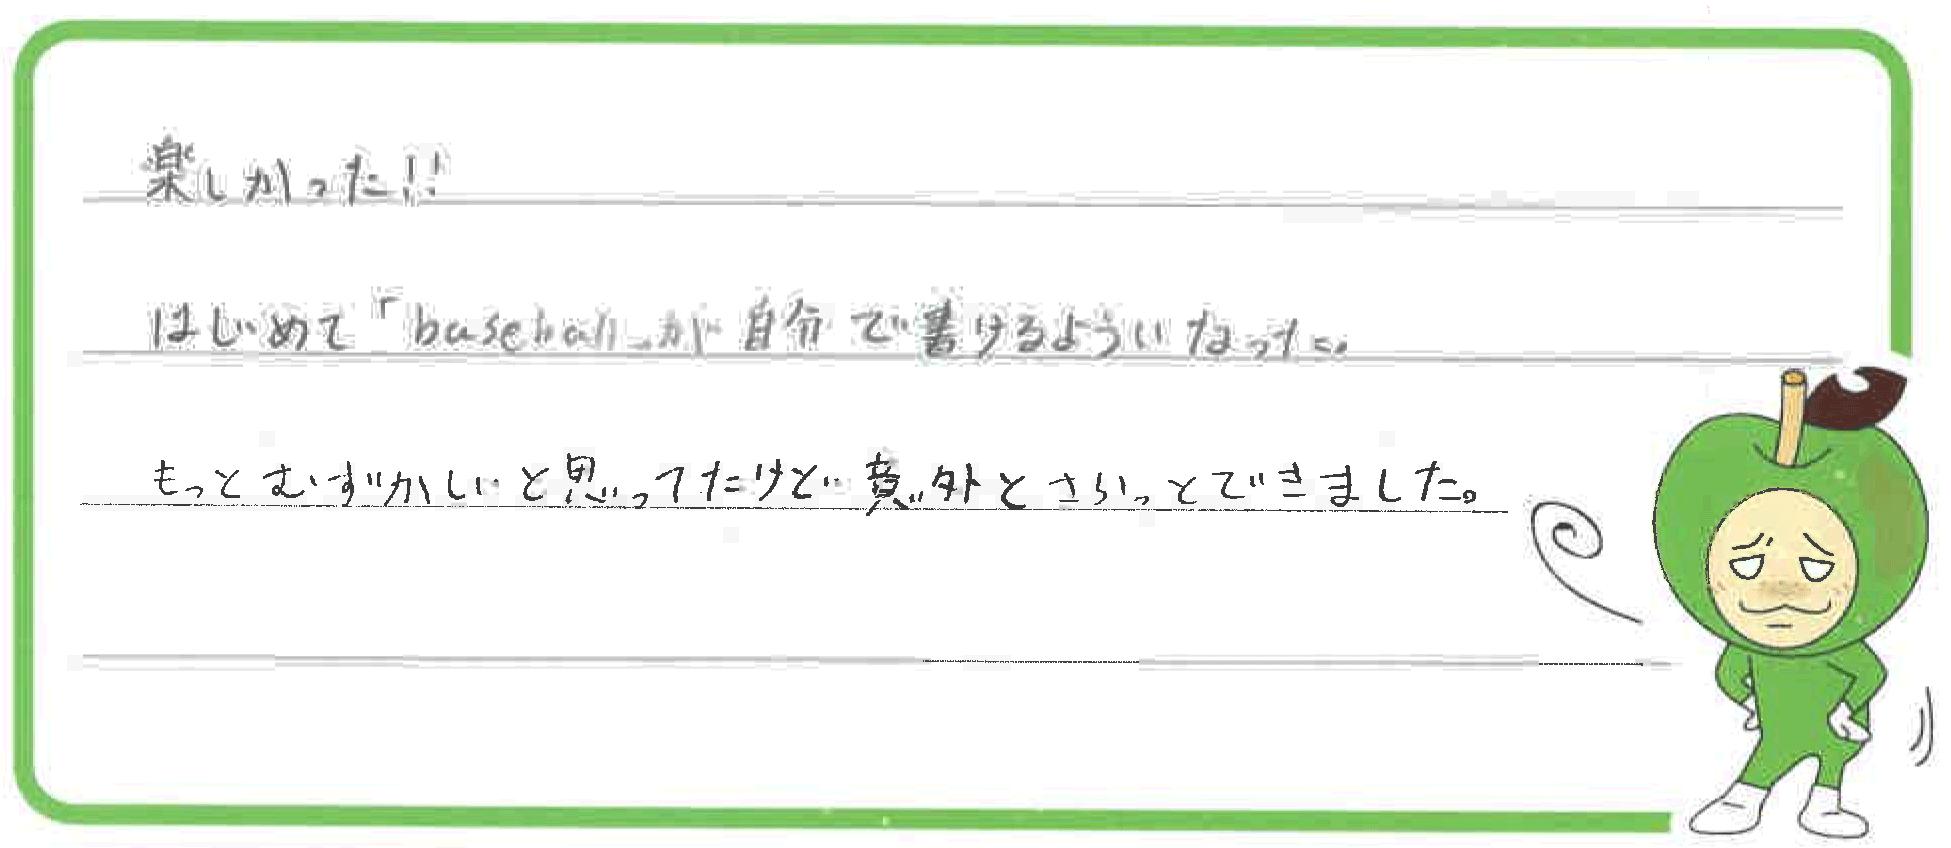 Rちゃん(小矢部市)からの口コミ